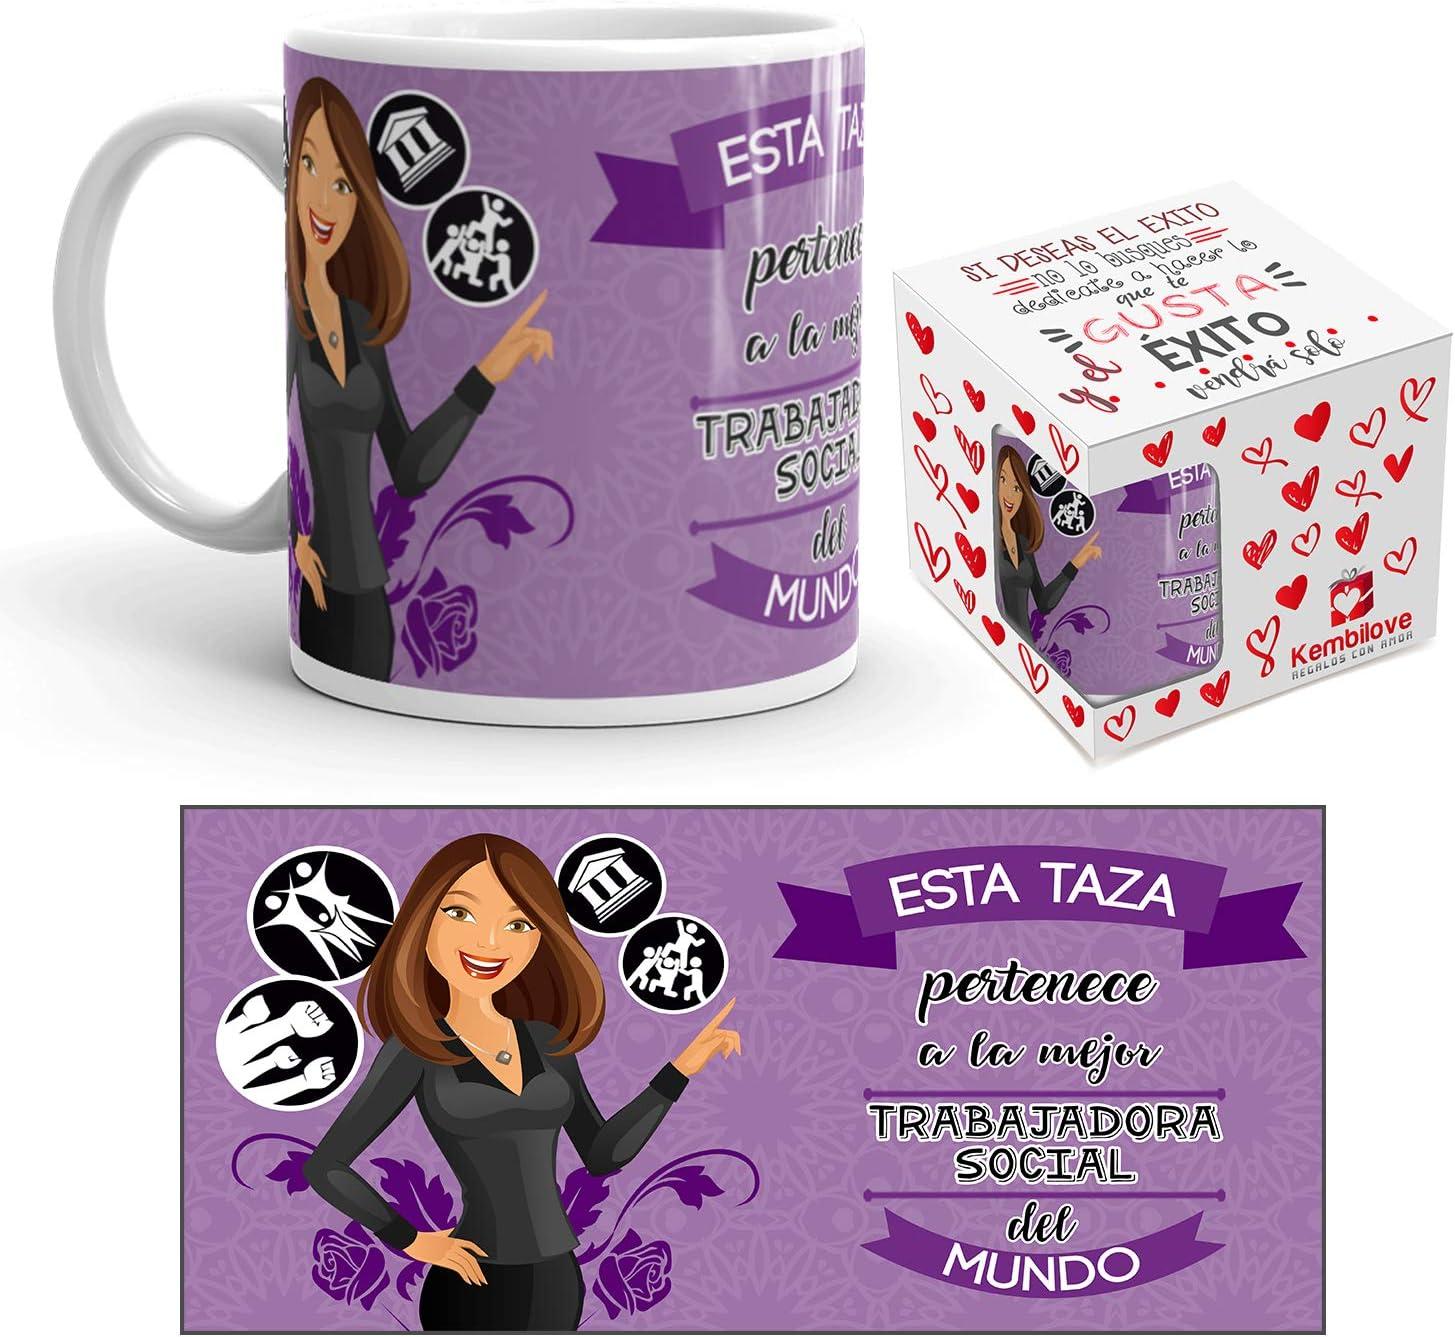 Kembilove Taza de Café de la Mejor Trabajadora Social del Mundo – Taza de Desayuno para la Oficina – Taza de Café y Té para Profesionales – Taza de Cerámica Impresa – Tazas para Trabajadoras sociales